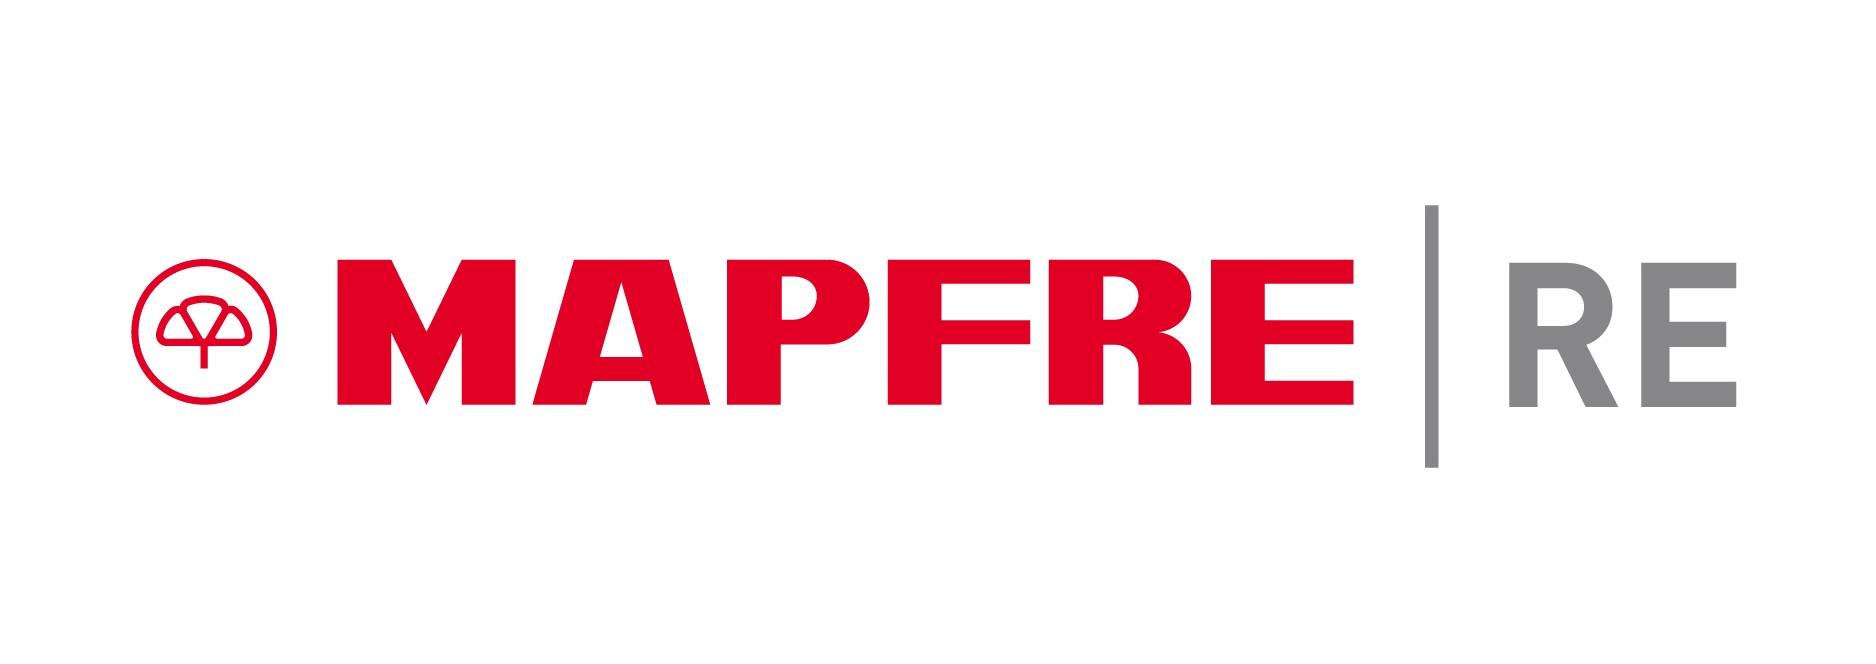 MAPFRE_RE_logo.jpg